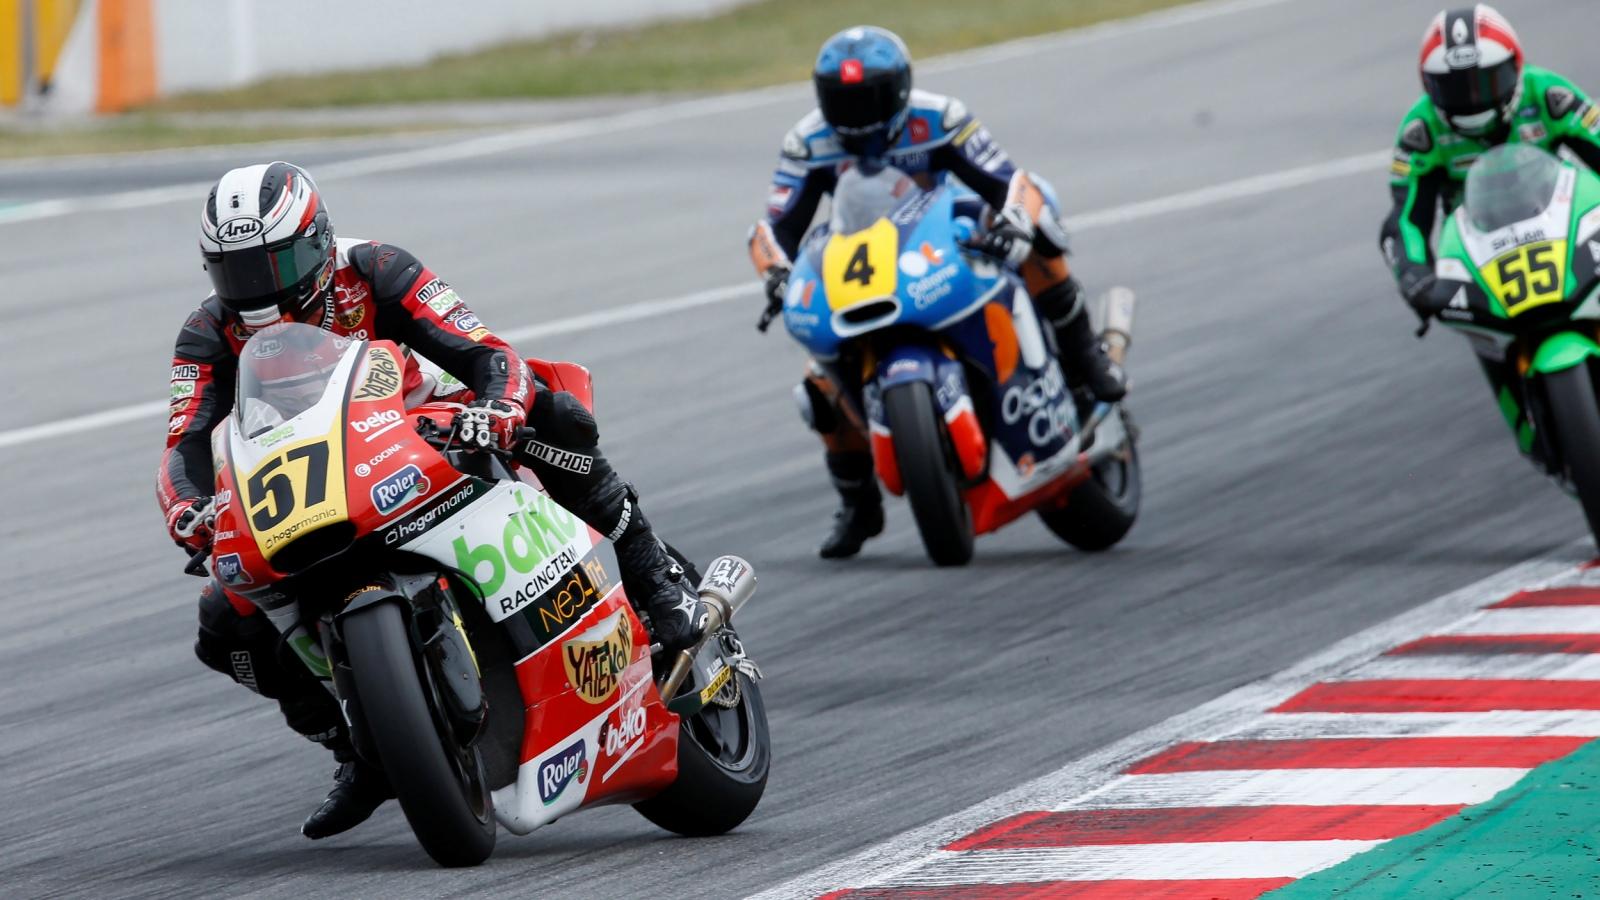 Edgar Pons arrasa con un doblete en Montmeló y es mucho más líder de Moto2